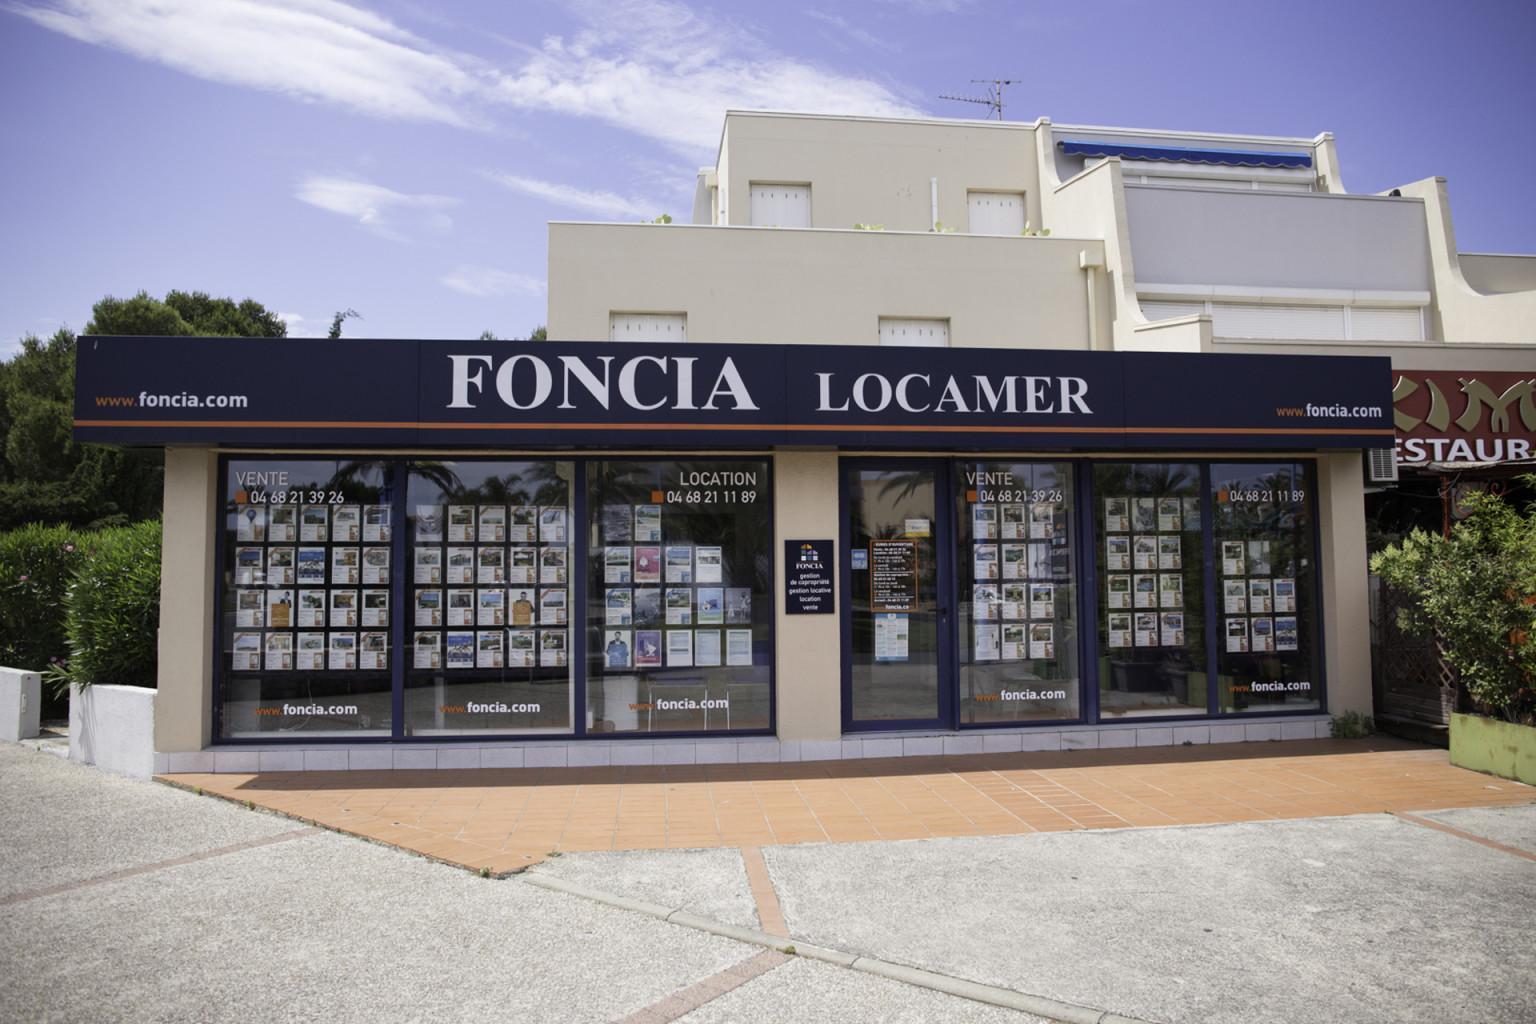 Foncia locamer agences immobili res office de tourisme de saint cyprien - Agence du port saint cyprien ...